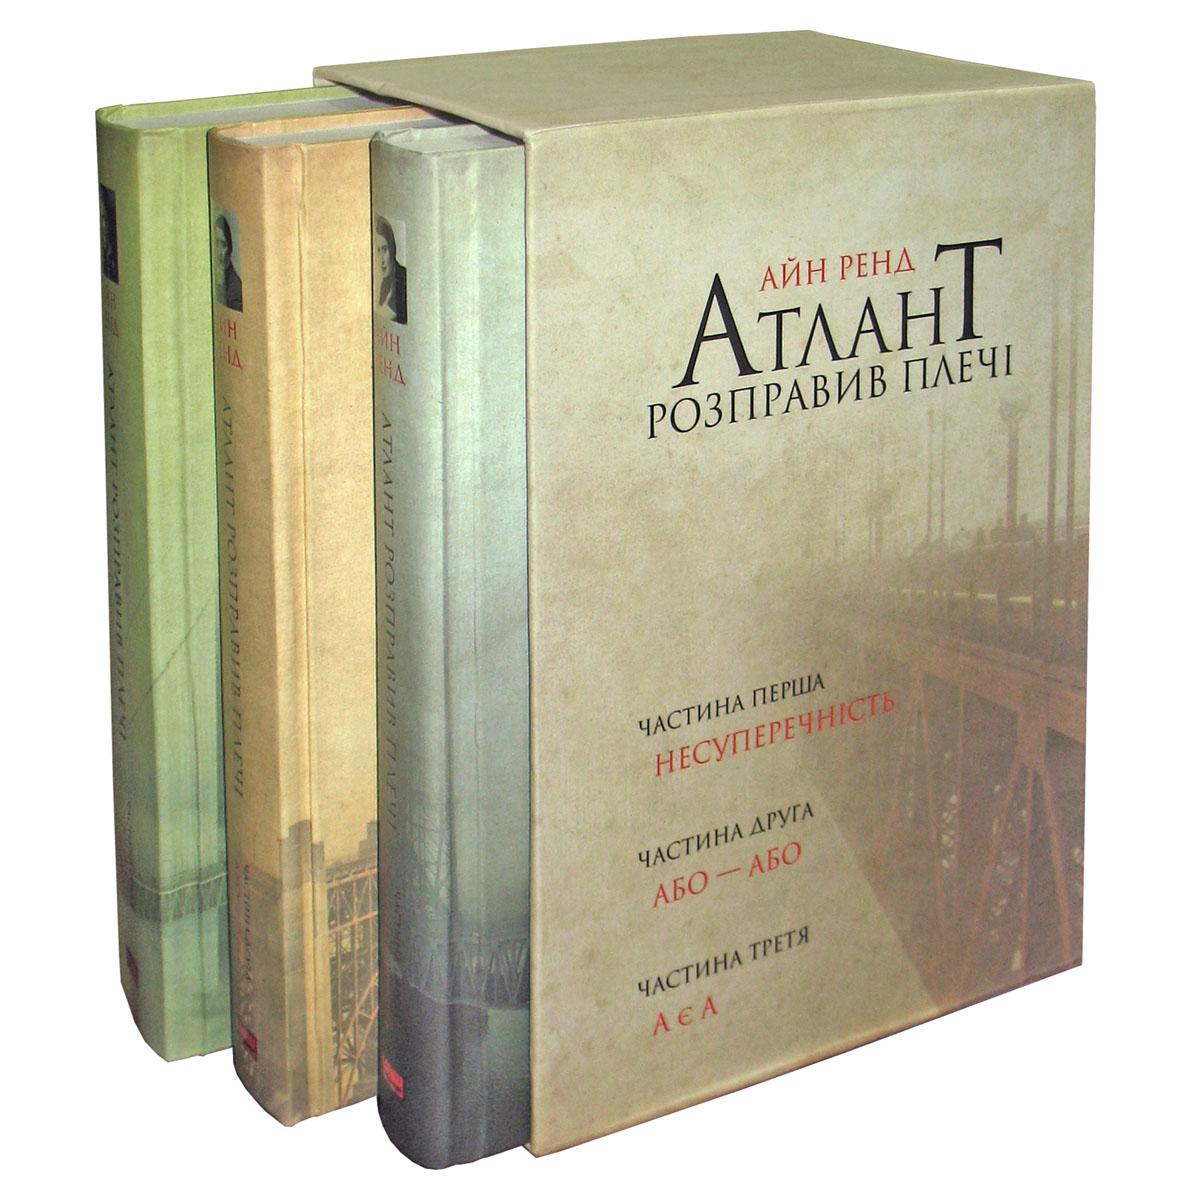 Айн Ренд Атлант розправив плечі, комплект з трьох книг у футлярі купити наш формат онлайн